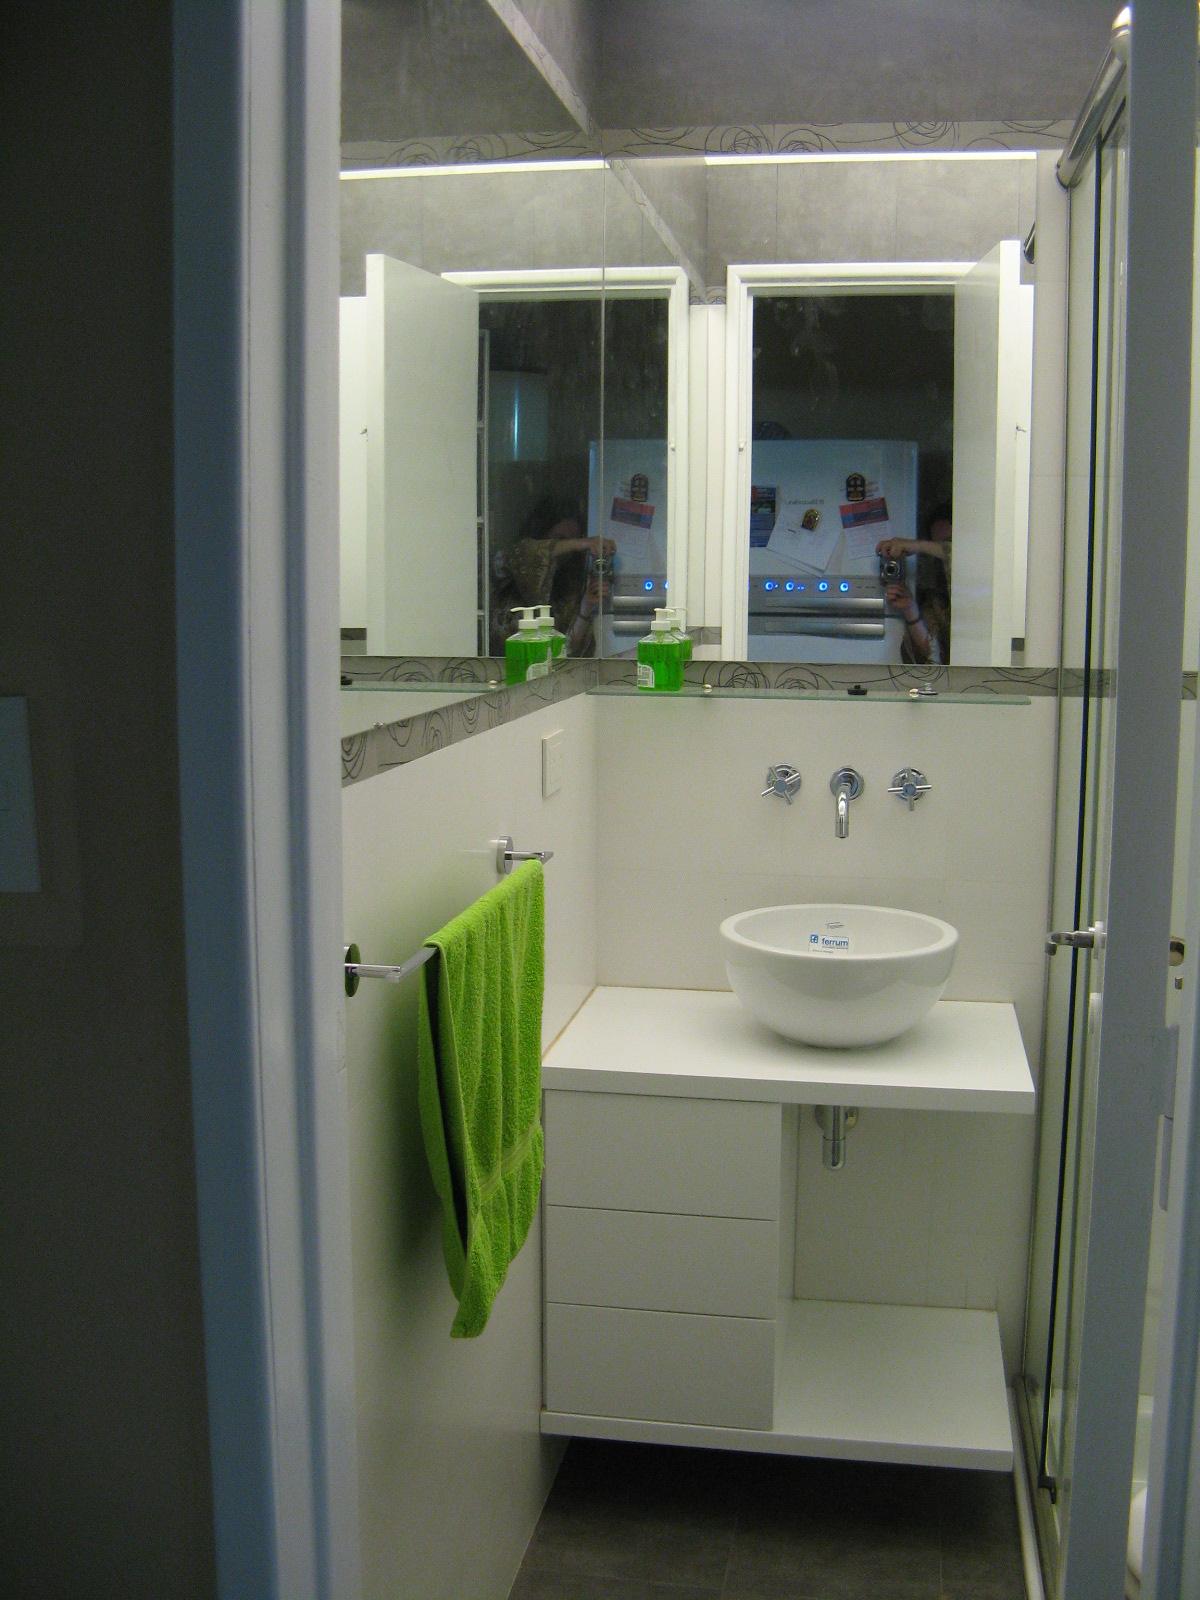 Iluminacion Baño Easy:El detalle: generalmente nos encontramos con baños pequeños y en